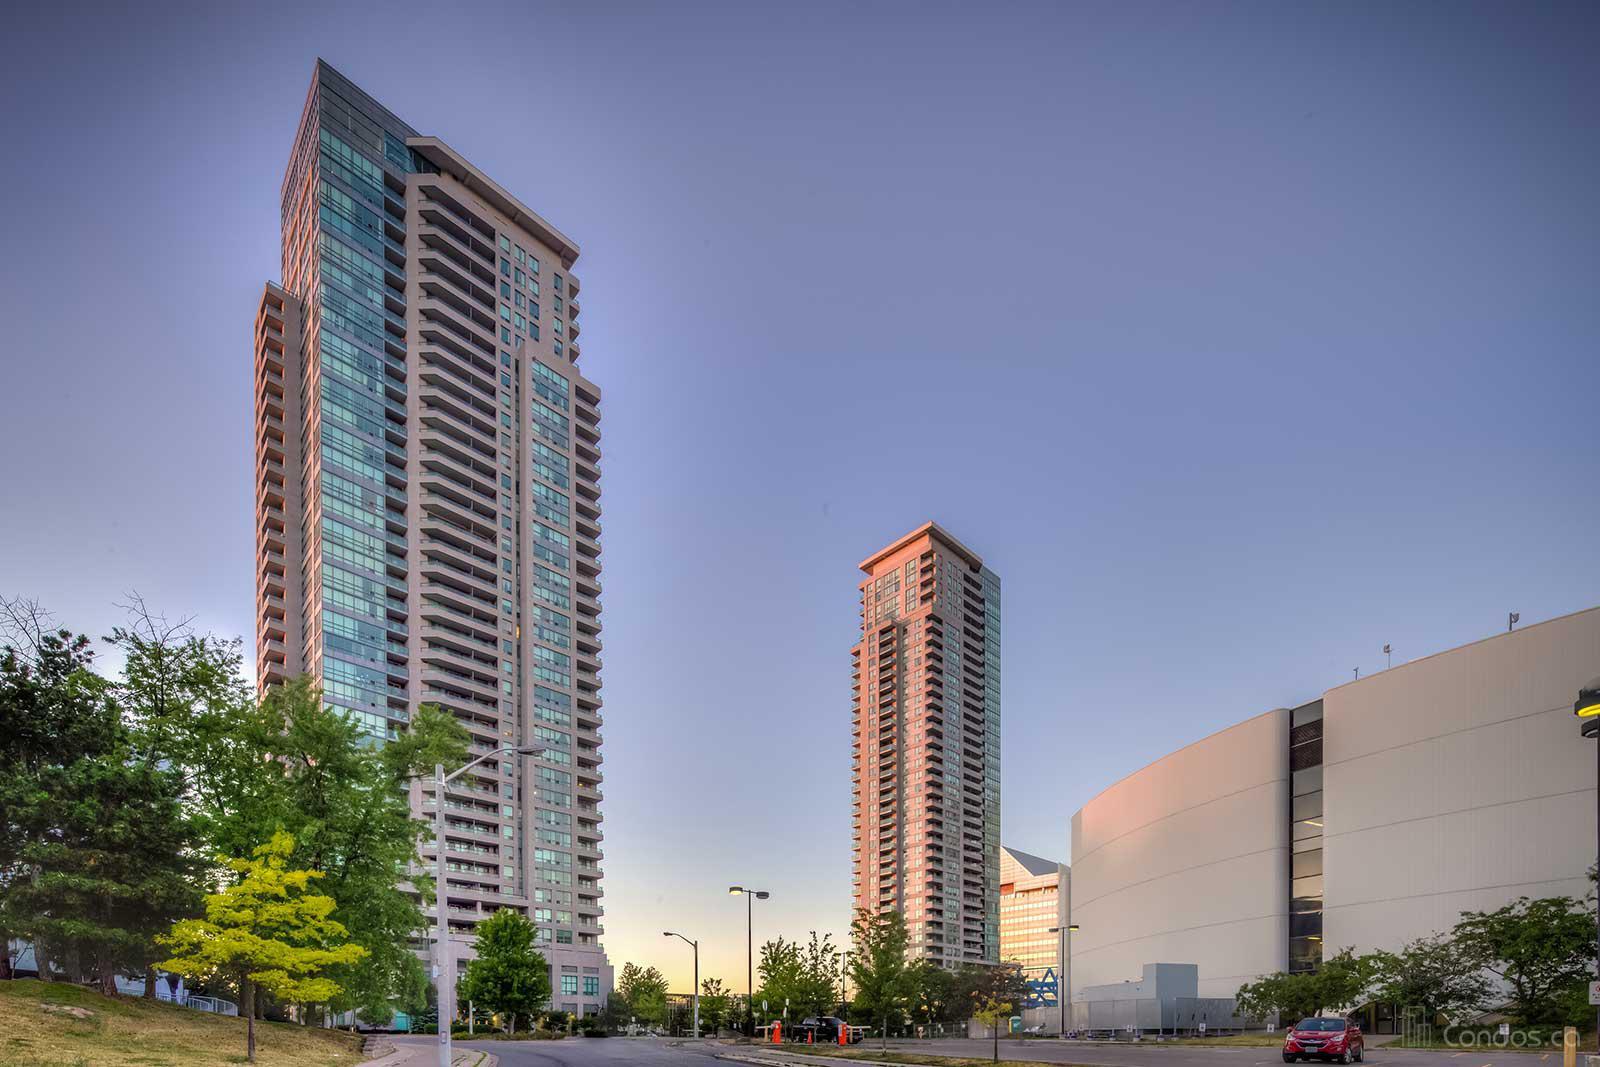 60 Brian Harrison Way | Equinox Ⅰ Condos | 2 Condos for Sale & 8 Condos for Rent | Condos.ca